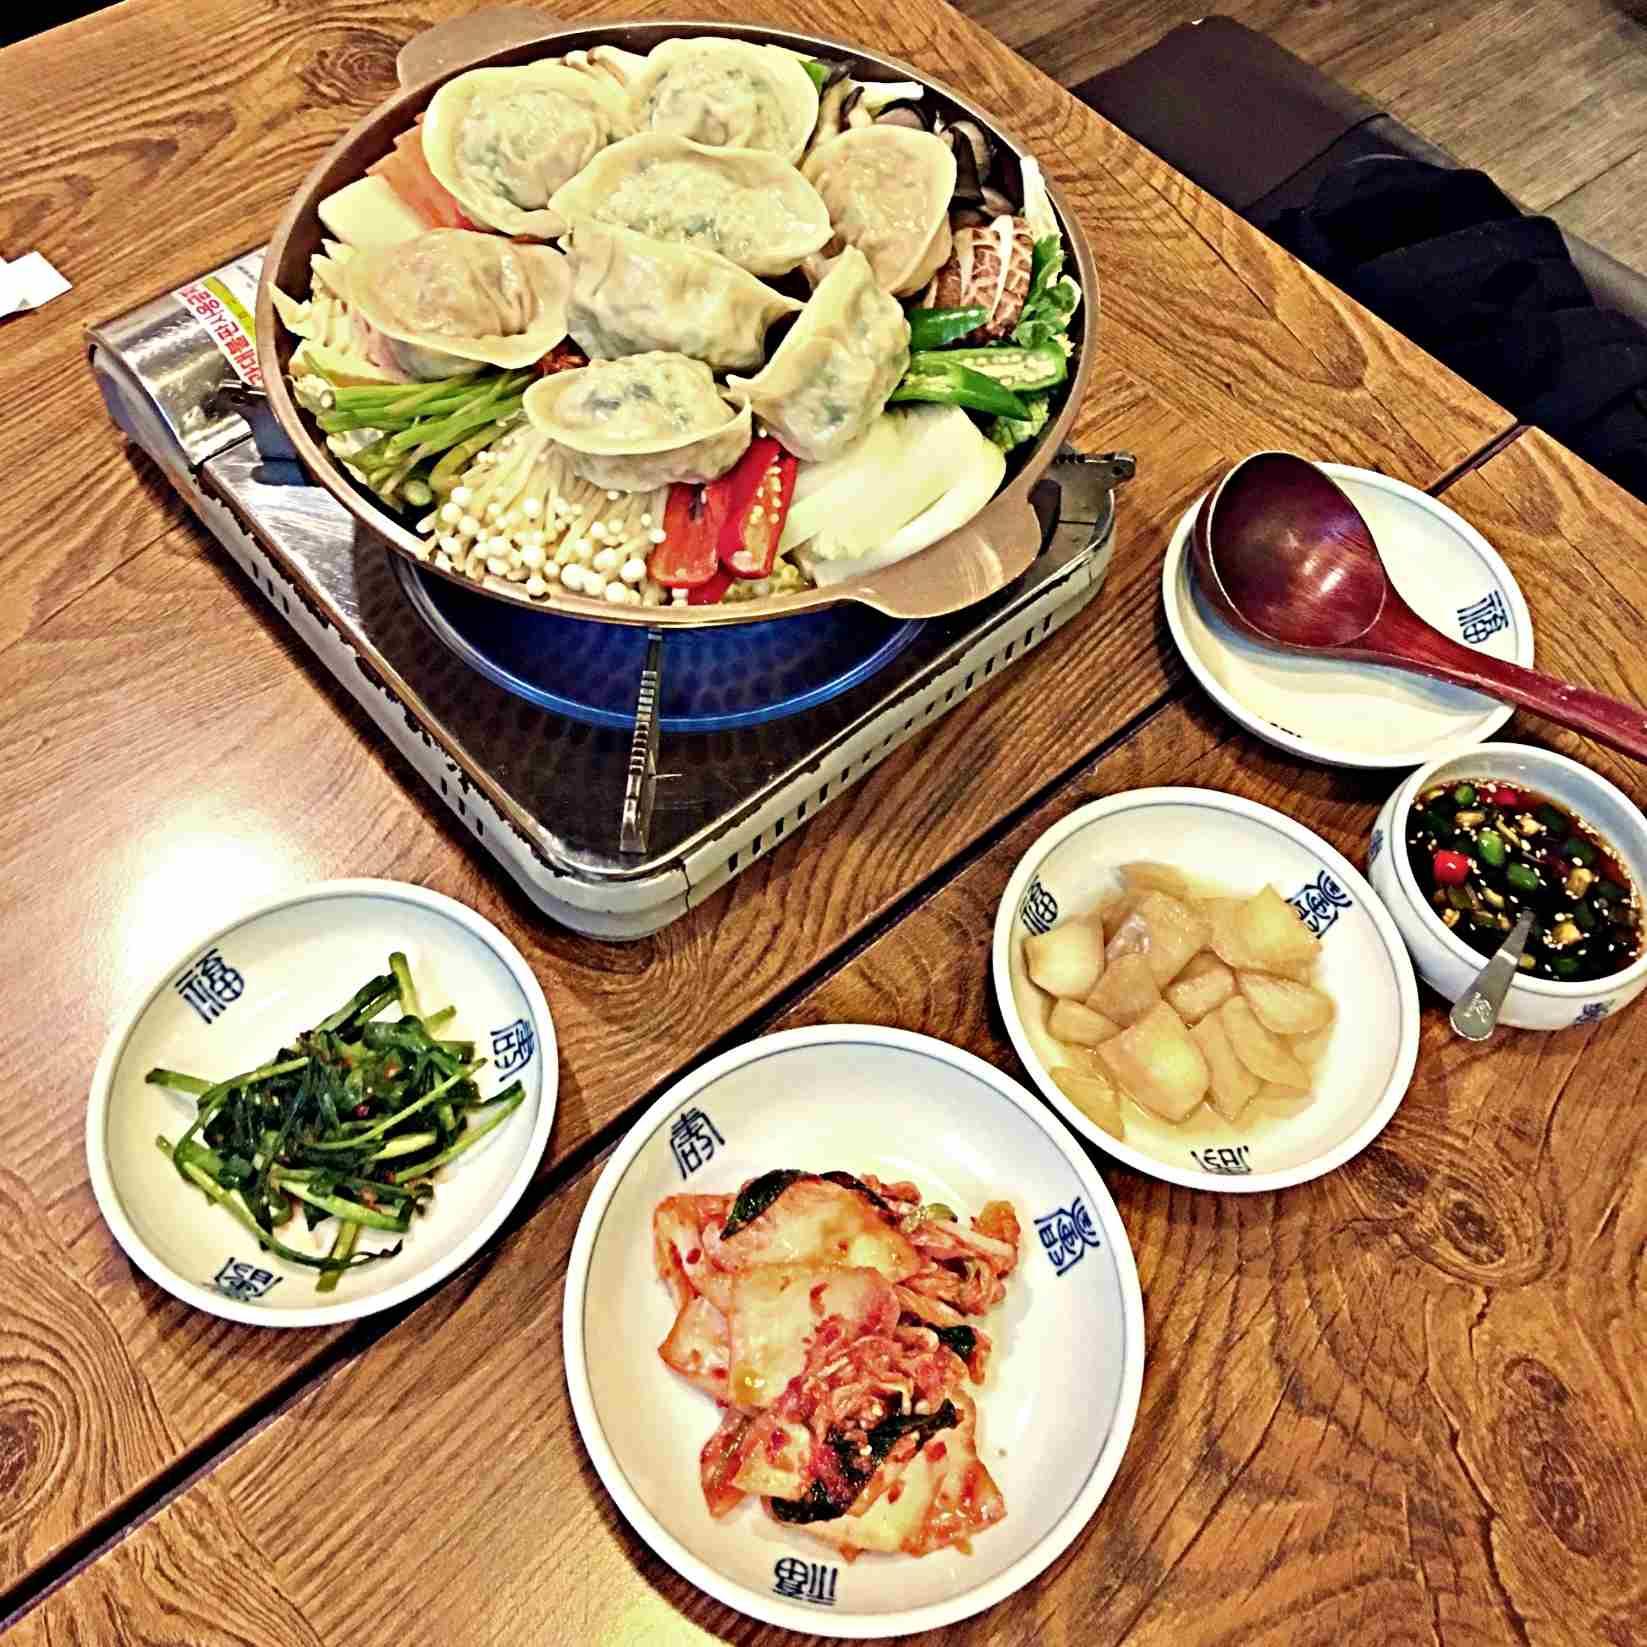 除了主角餃子鍋之外,當然還有不可或缺的韓式小菜。